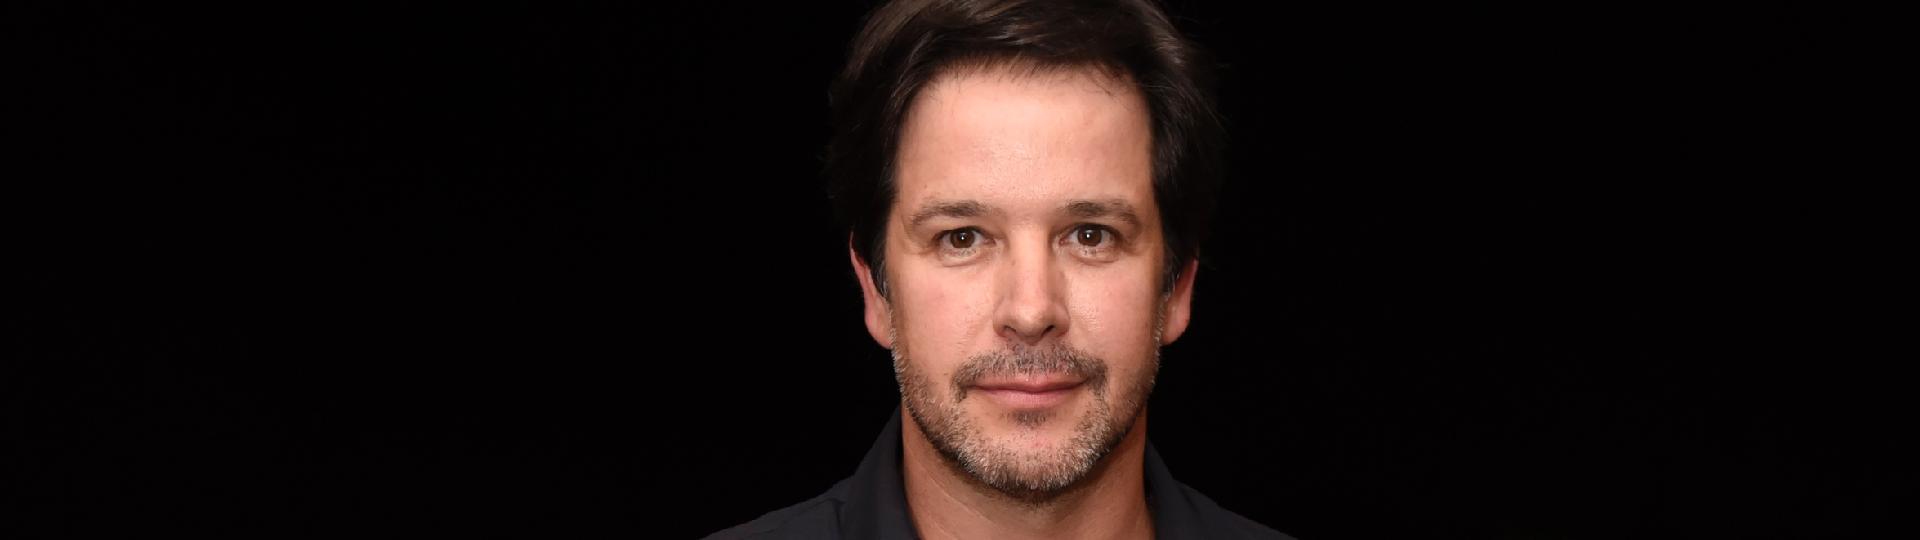 Murilo Benício nega que irá abrir mão de fazer novelas para só atuar em projetos menores, apesar do crescimento cada vez maior do formato na televisão